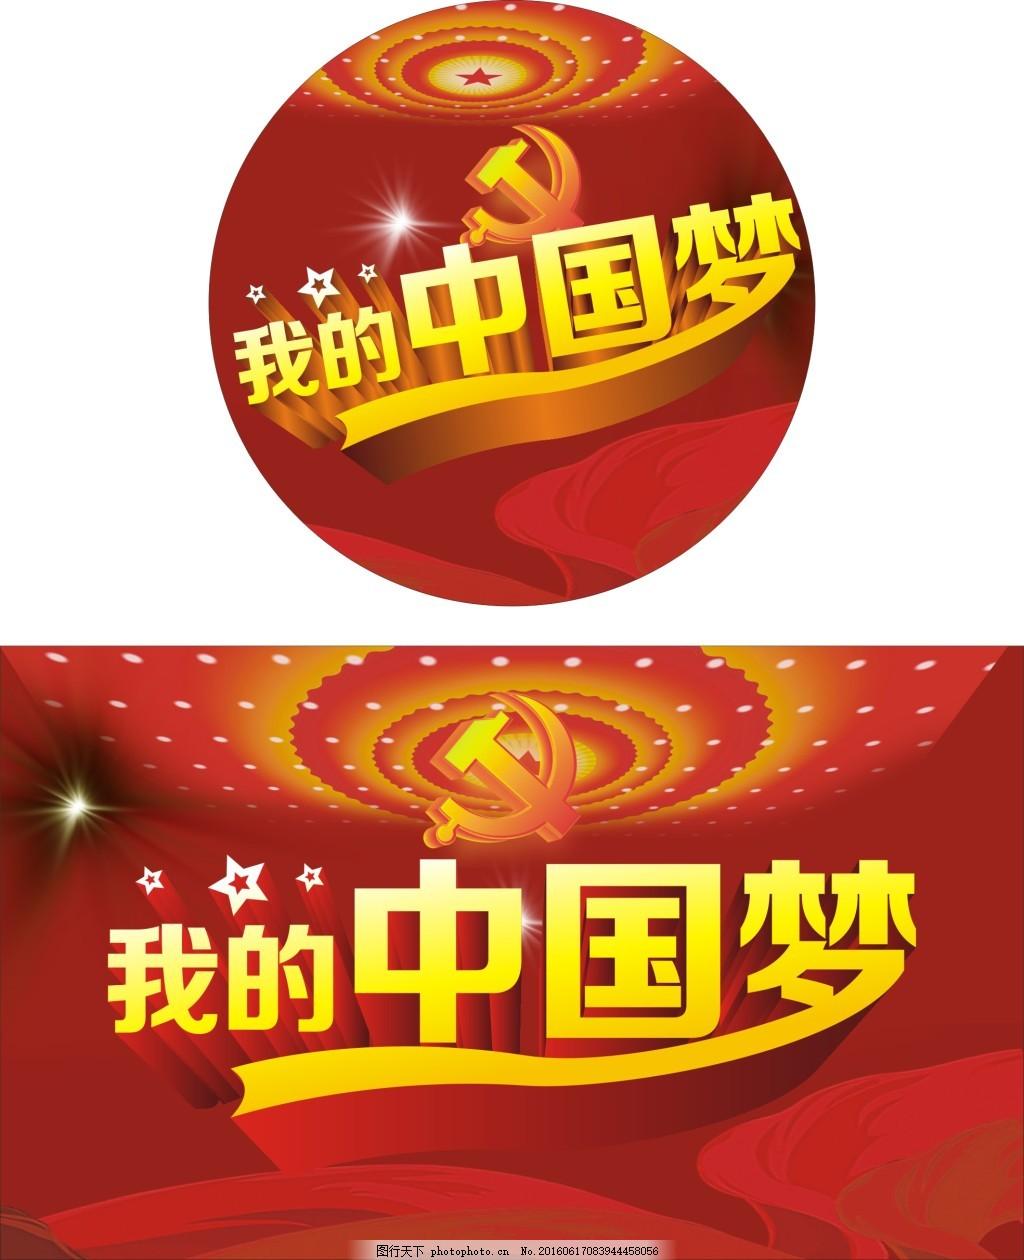 中国梦我的梦 中国梦 展板 宣传栏 标牌 红色 立体字